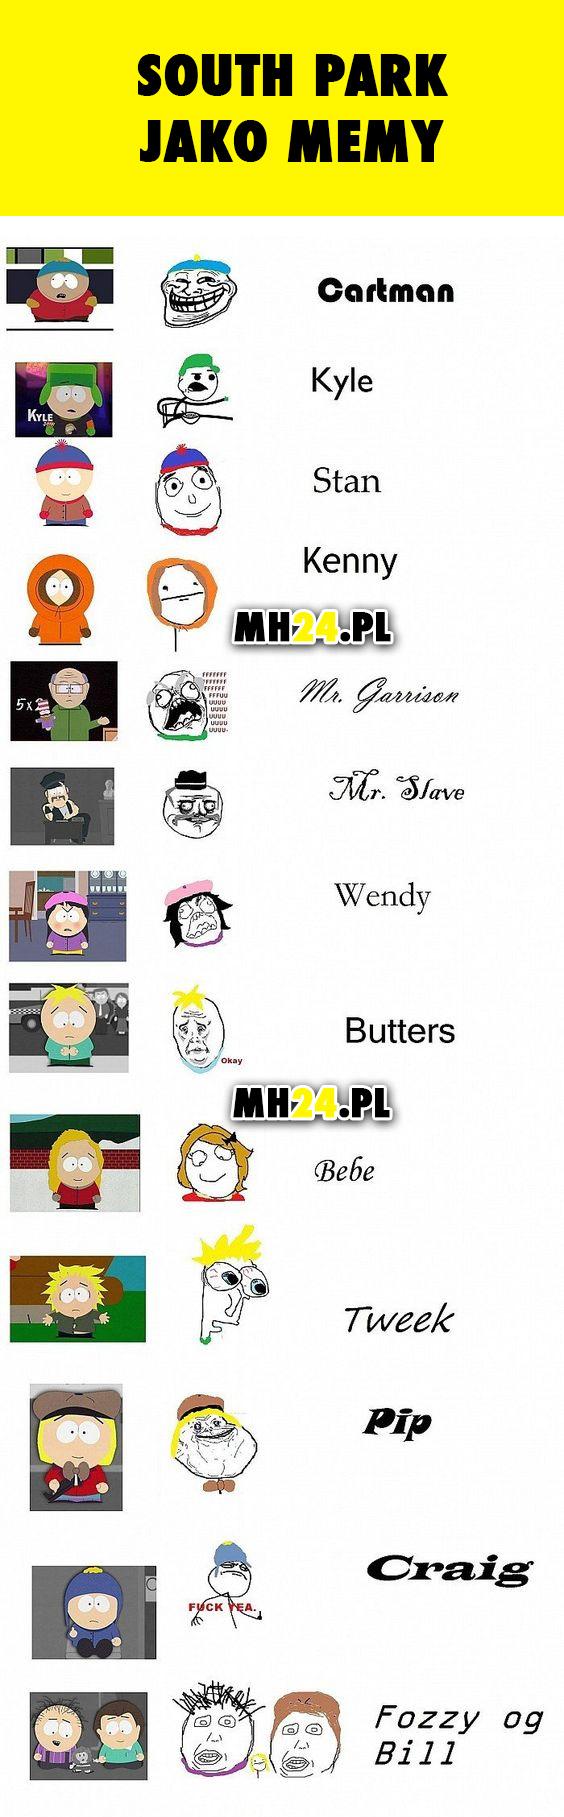 South Park jako memy